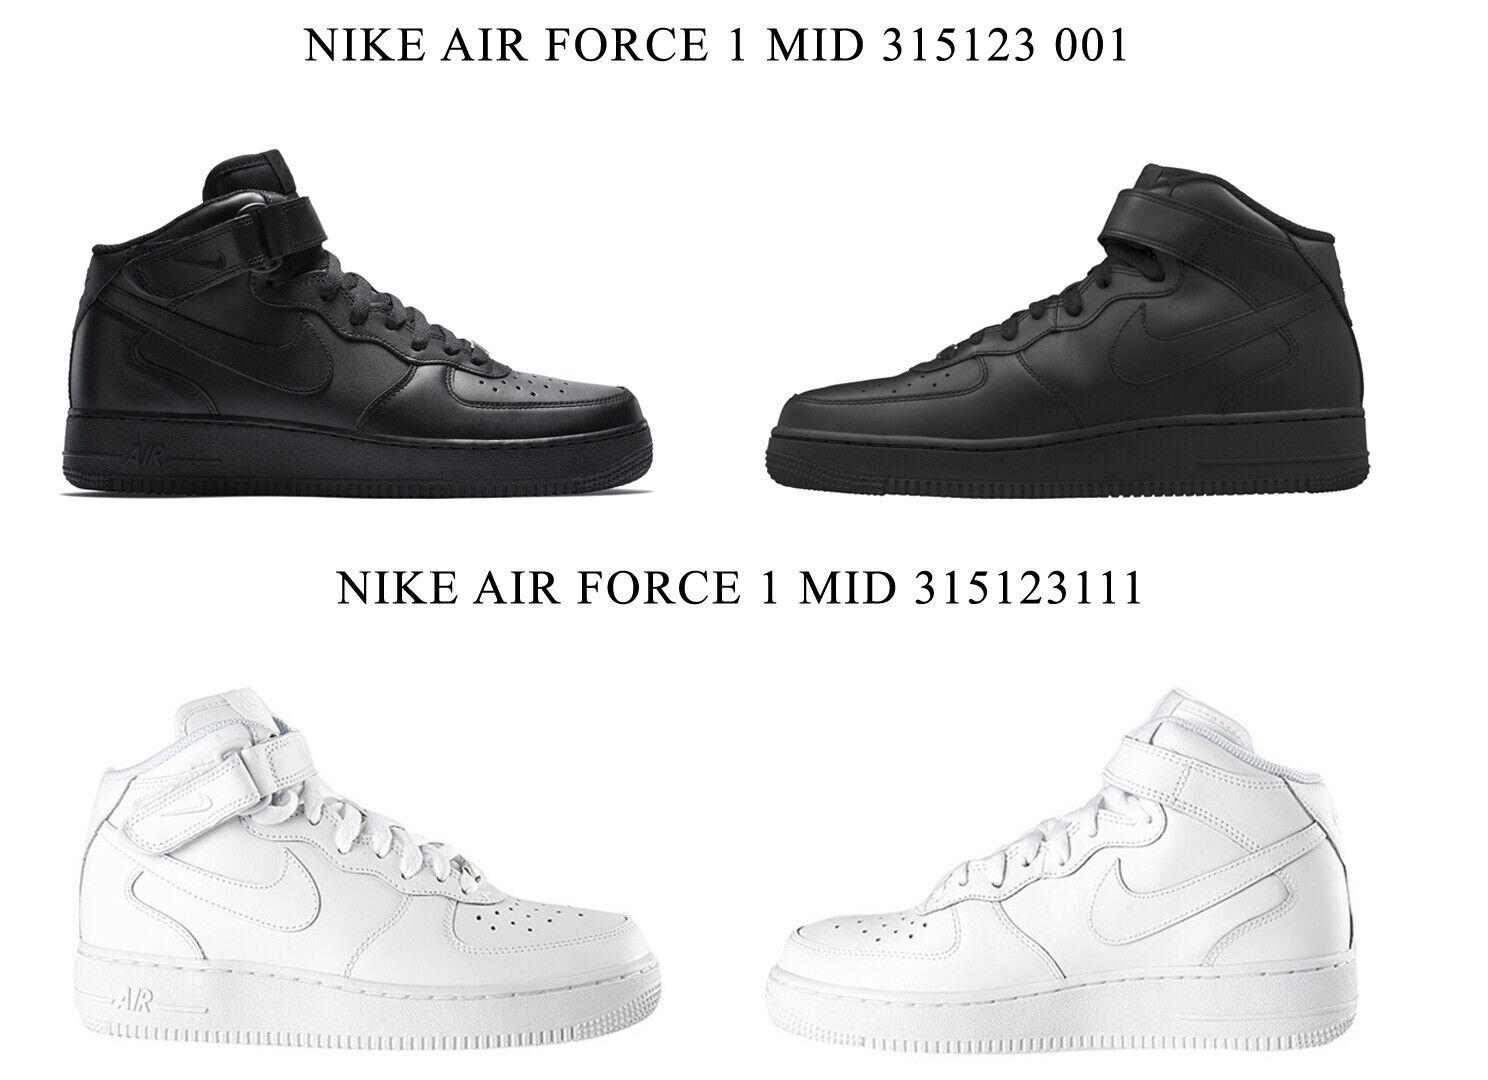 Nike Air Force 1 Mid 315, 123 001   315, 123 111 hombresschehe altot gr.